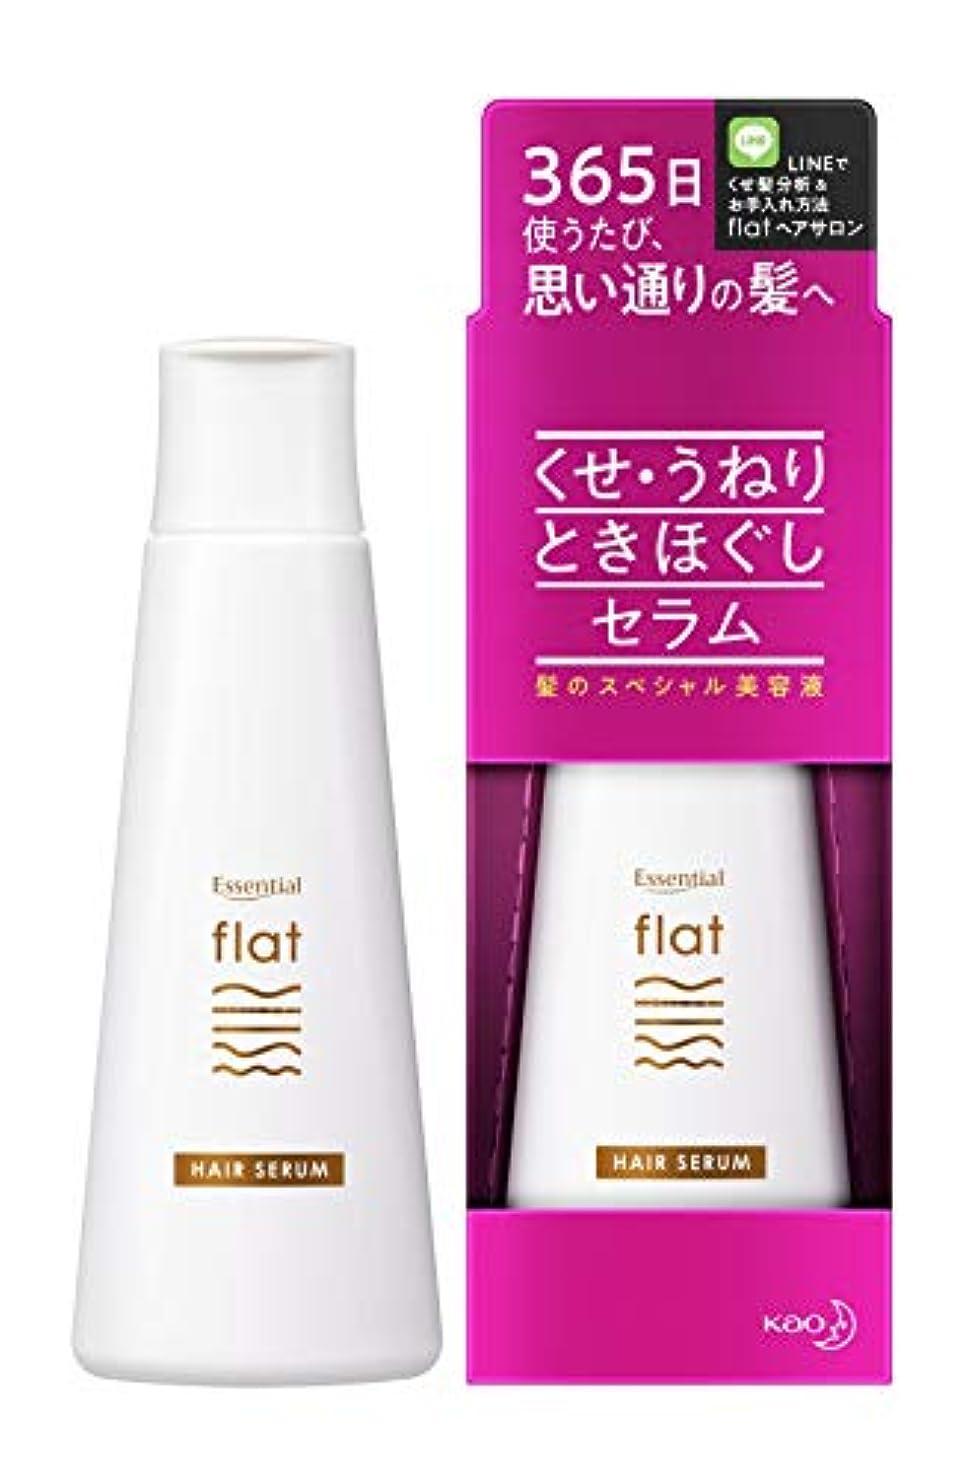 指定成功ただやるflat(フラット) エッセンシャル フラット セラム くせ毛 うねり髪 ときほぐし 毛先 まとまる ストレートヘア 洗い流さない トリートメント ときほぐし成分配合(整髪成分) 120ml ホワイトフローラルの香り